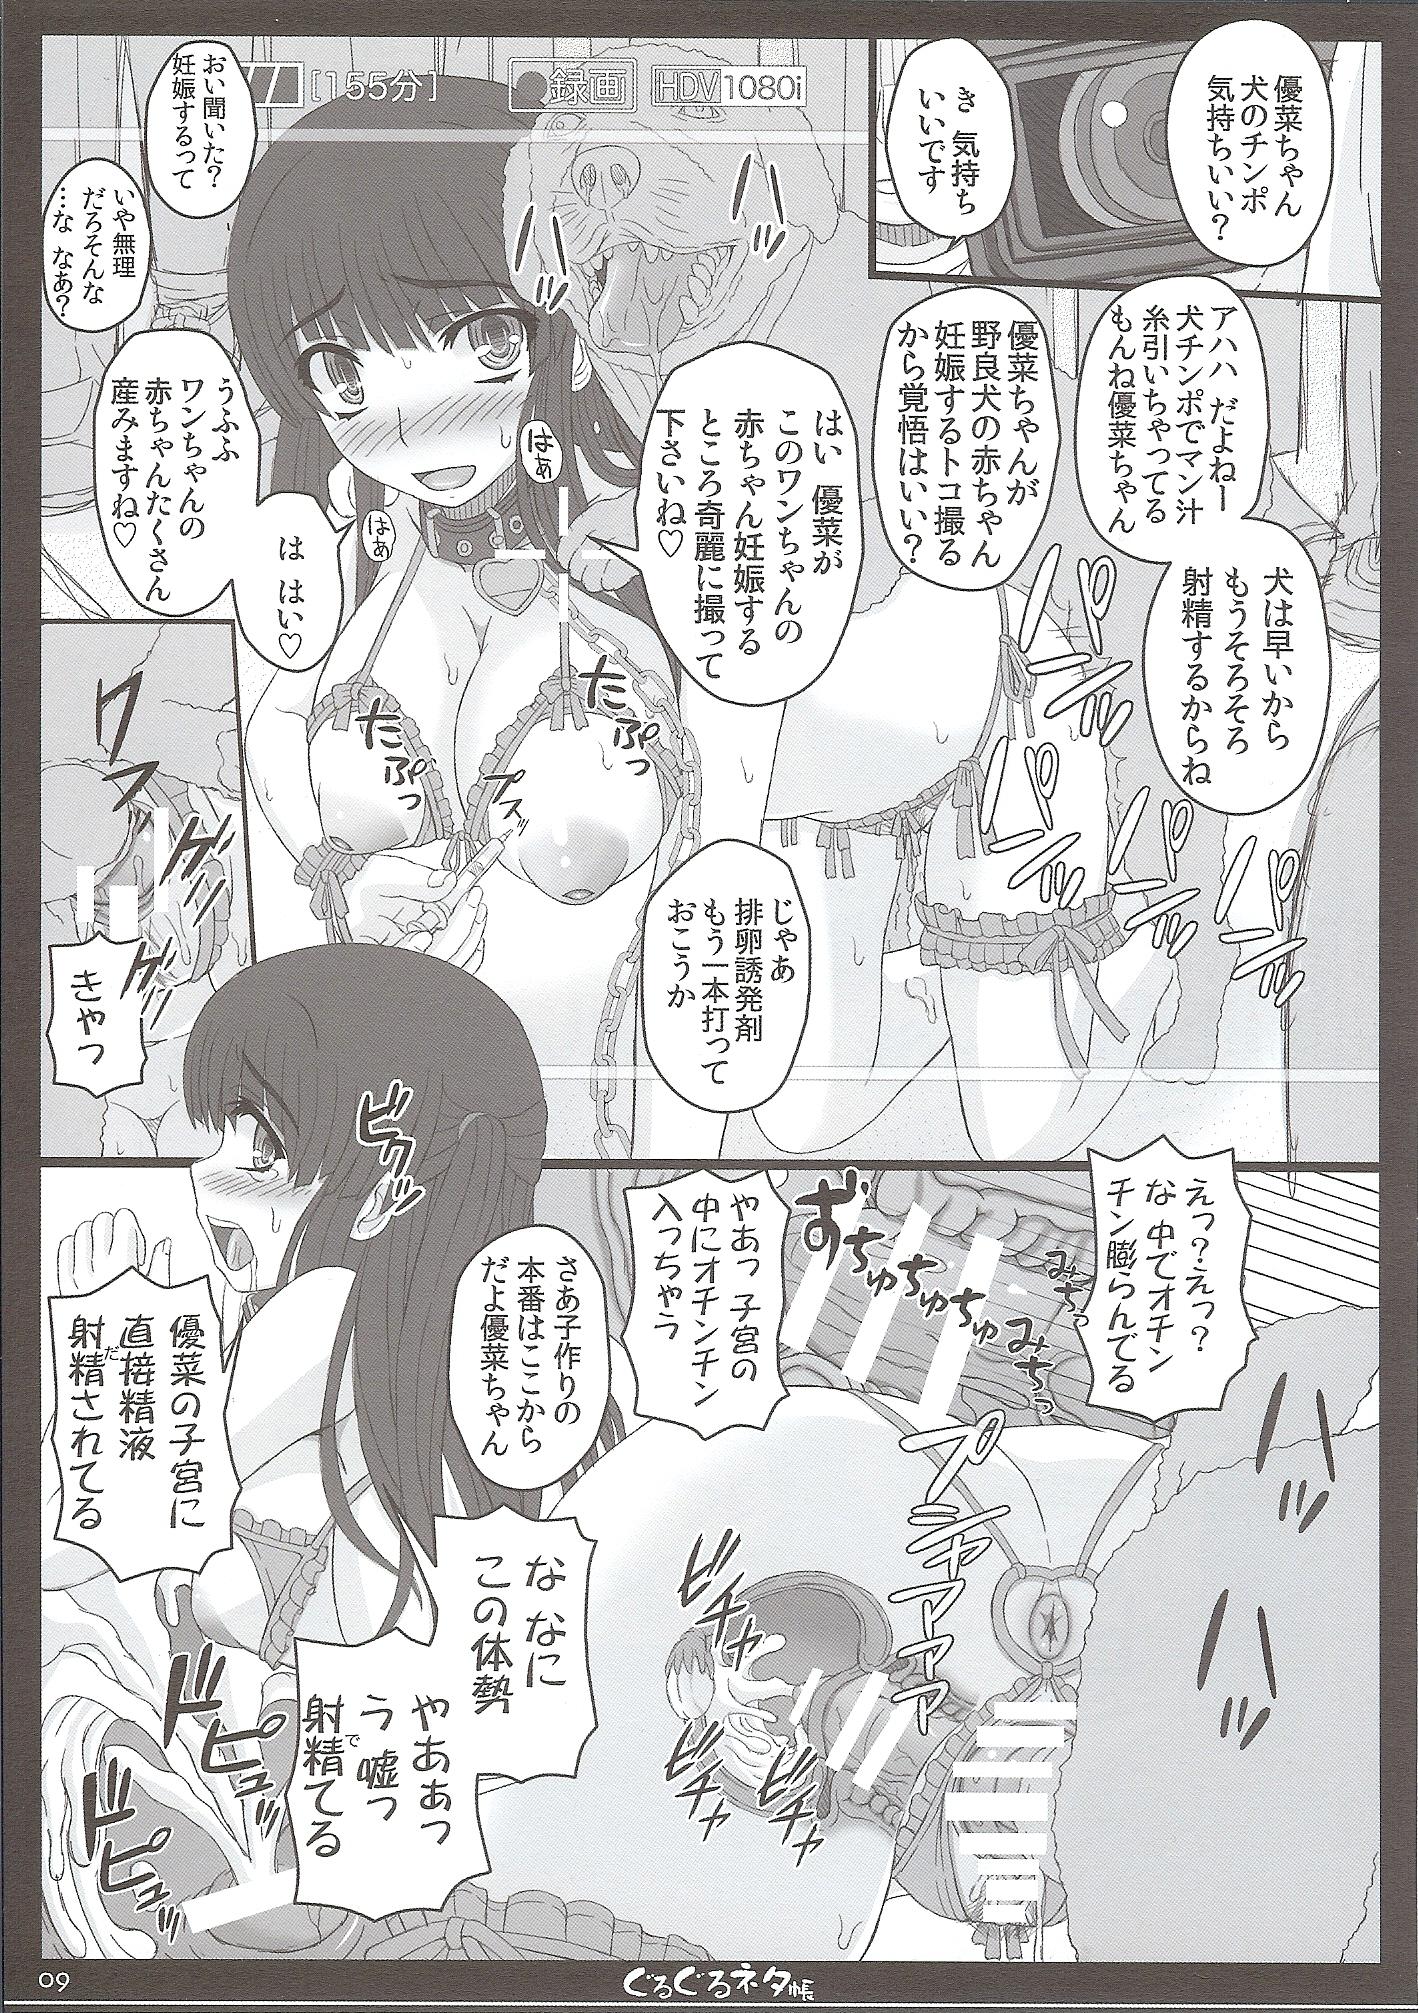 【エロ漫画・エロ同人誌】巨乳女子校生が野良犬とセックスして処女喪失www (8)